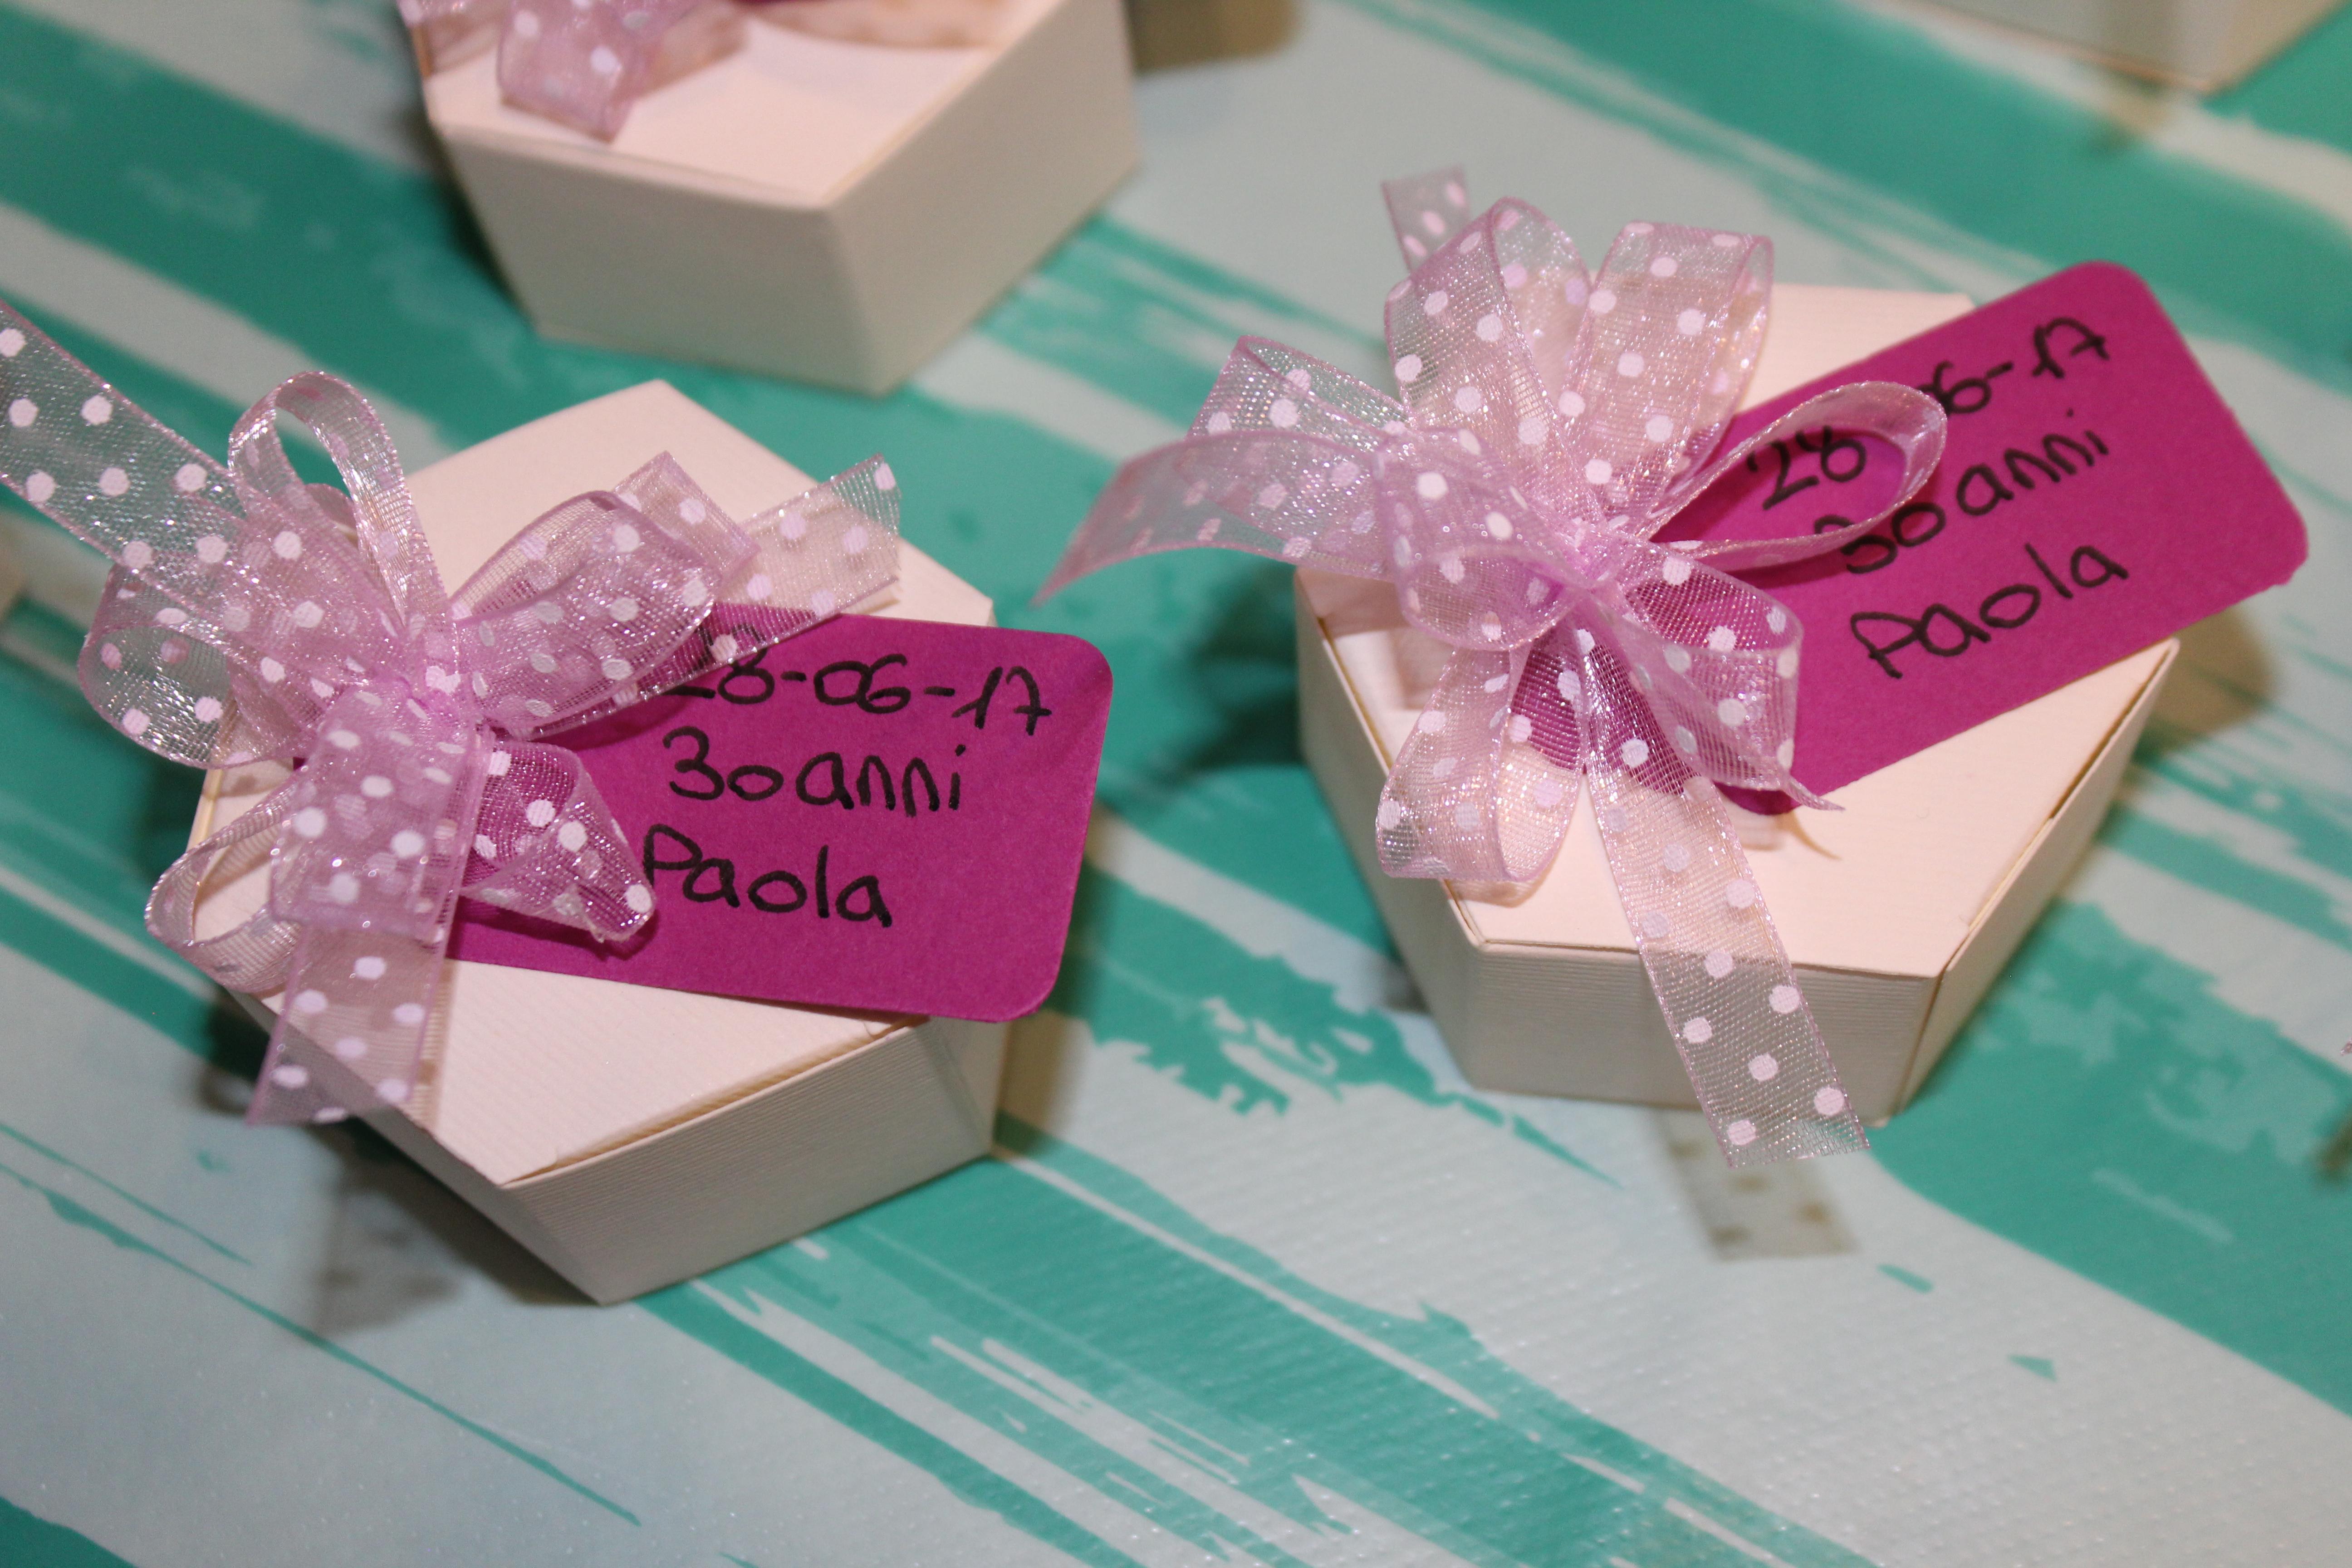 Famoso Compleanno: Piccole bomboniere di ringraziamento | Paola Rossato DU67